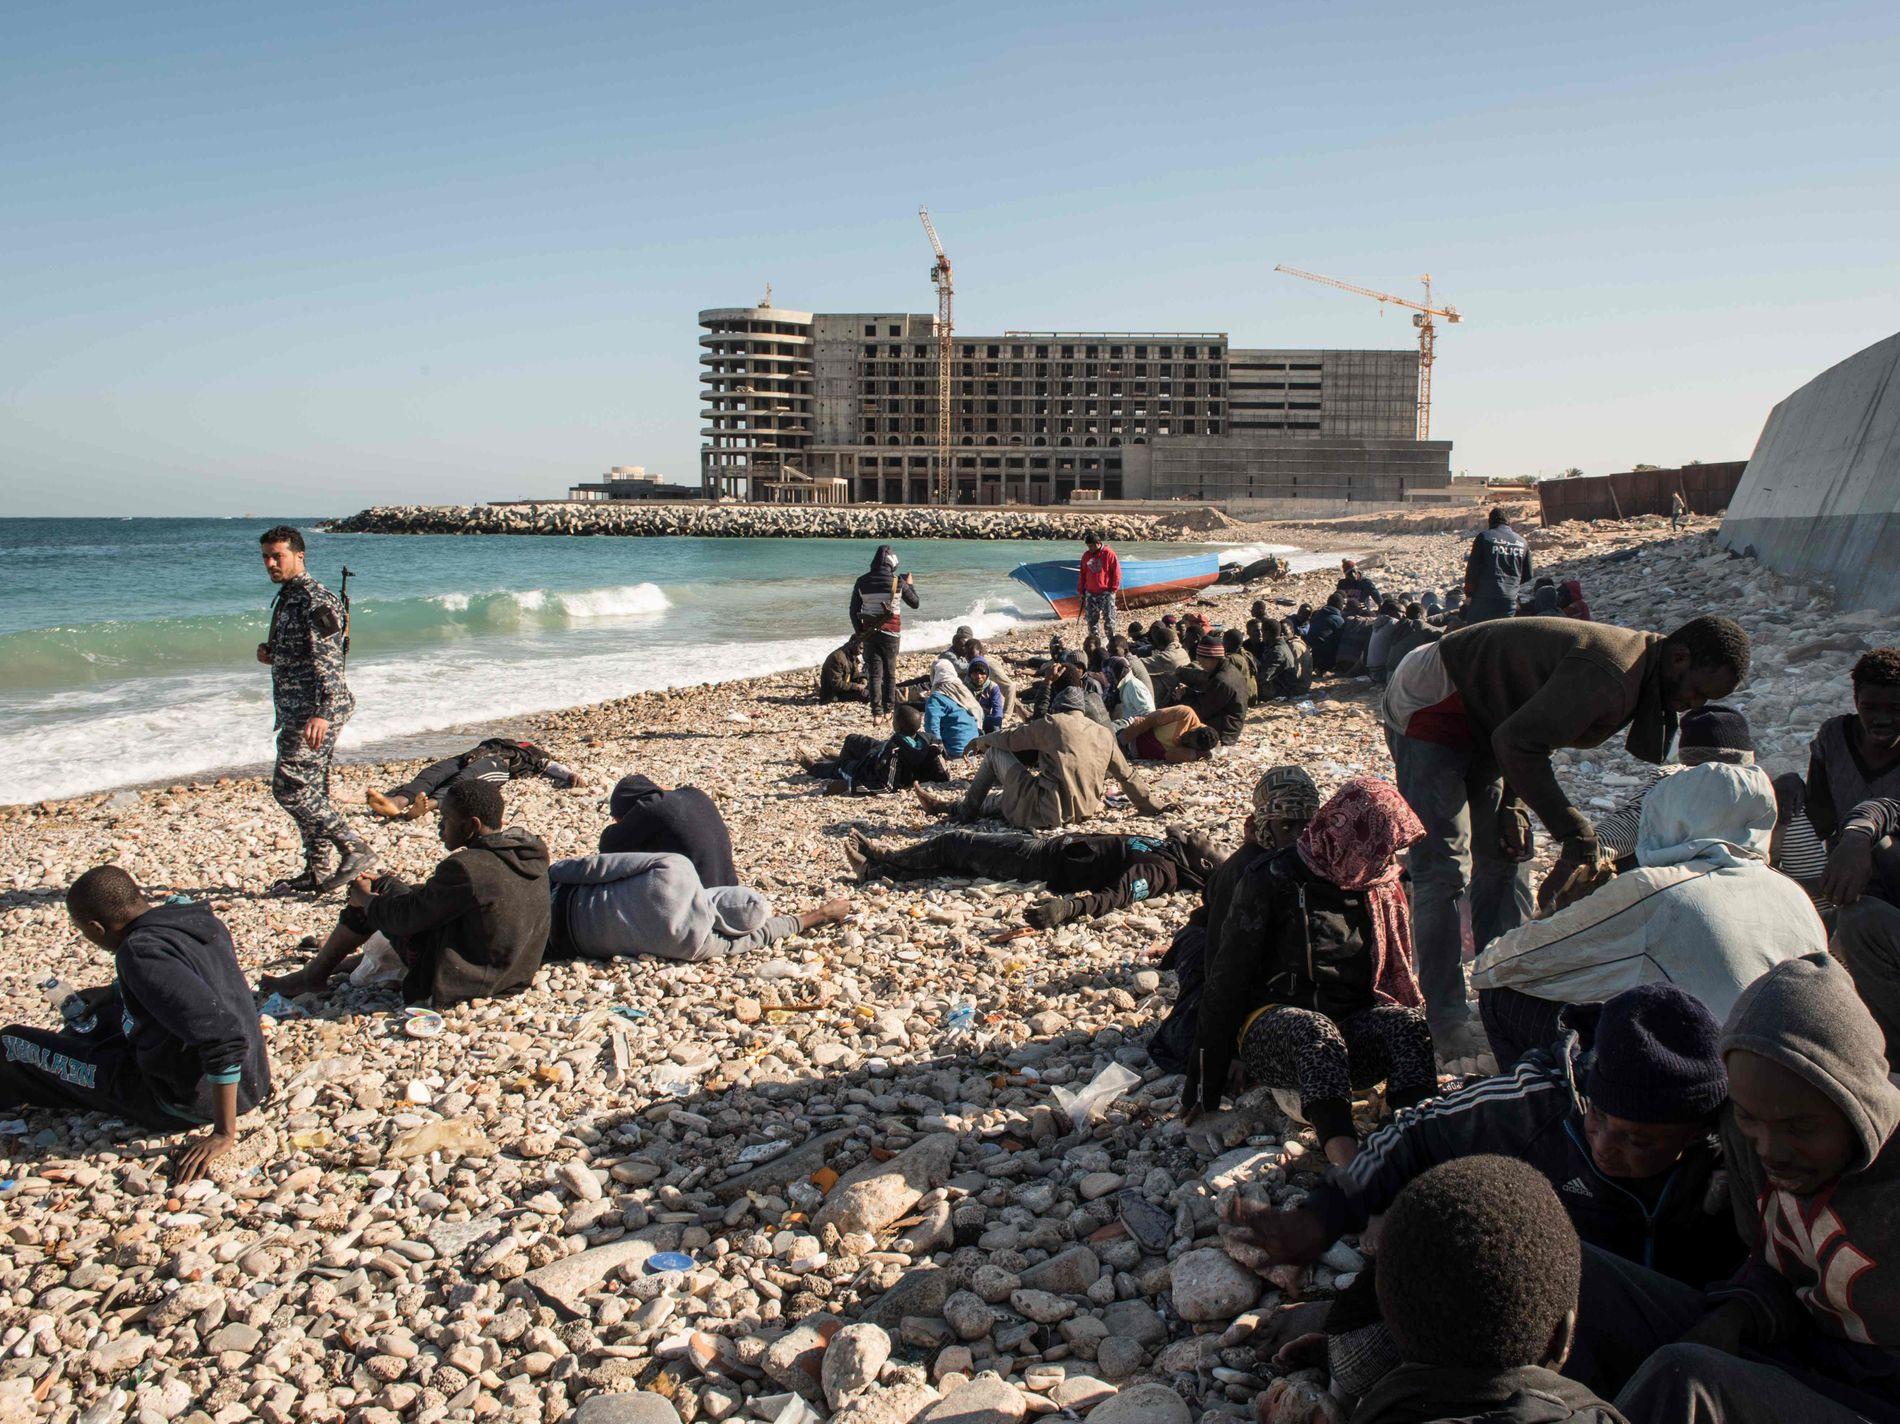 TRAGISK: En gruppe menn, flesteparten fra Senegal, på stranden utenfor Libyas hovedstad Tripoli i jauar 2017. Flyktningene dro fra kystbyen Sabratha. Etter flere dager på sjøen så de omsider land og trodde det var Italia. Flere druknet da de forsøkte å svømme i land. Foto: AFP